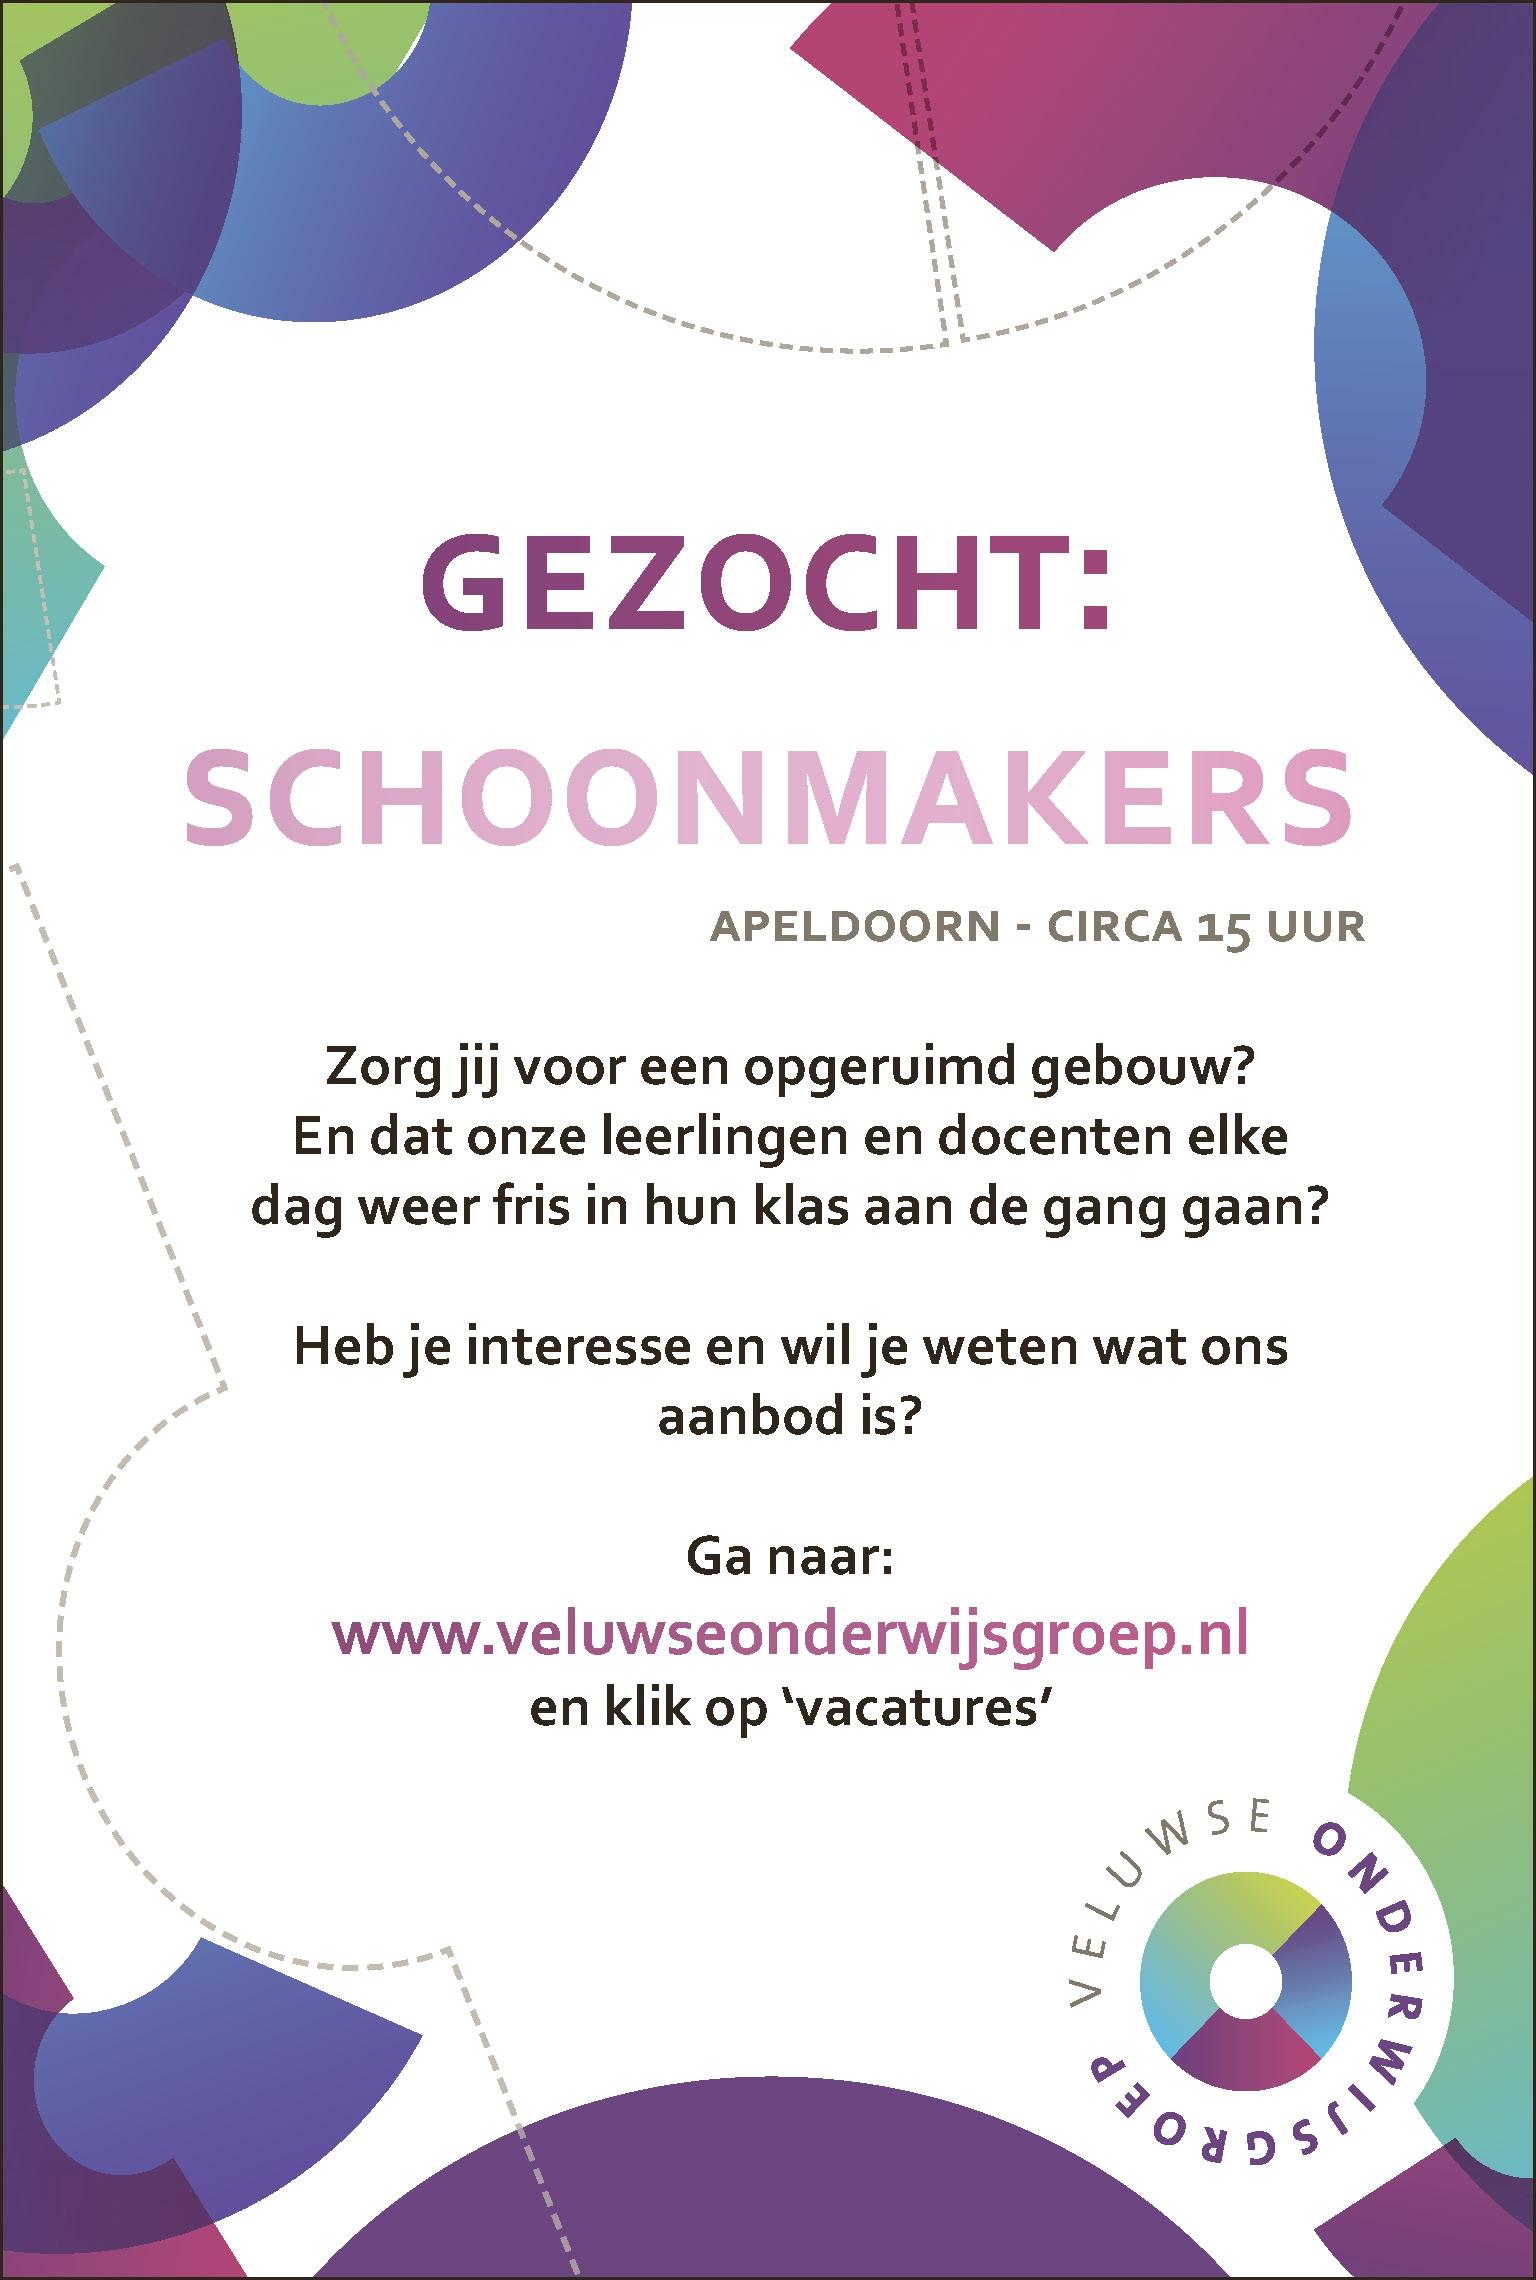 Schoonmakers